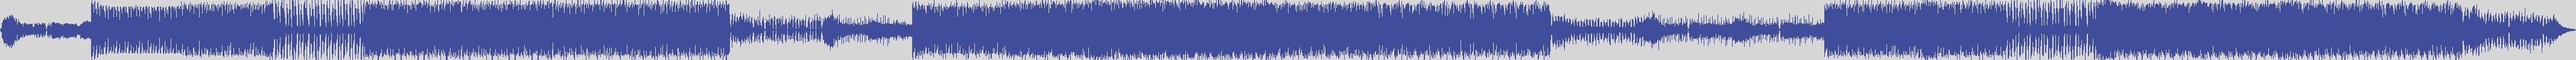 just_digital_records [JS1166] Lama B - Ethno Flute [Original Mix] audio wave form